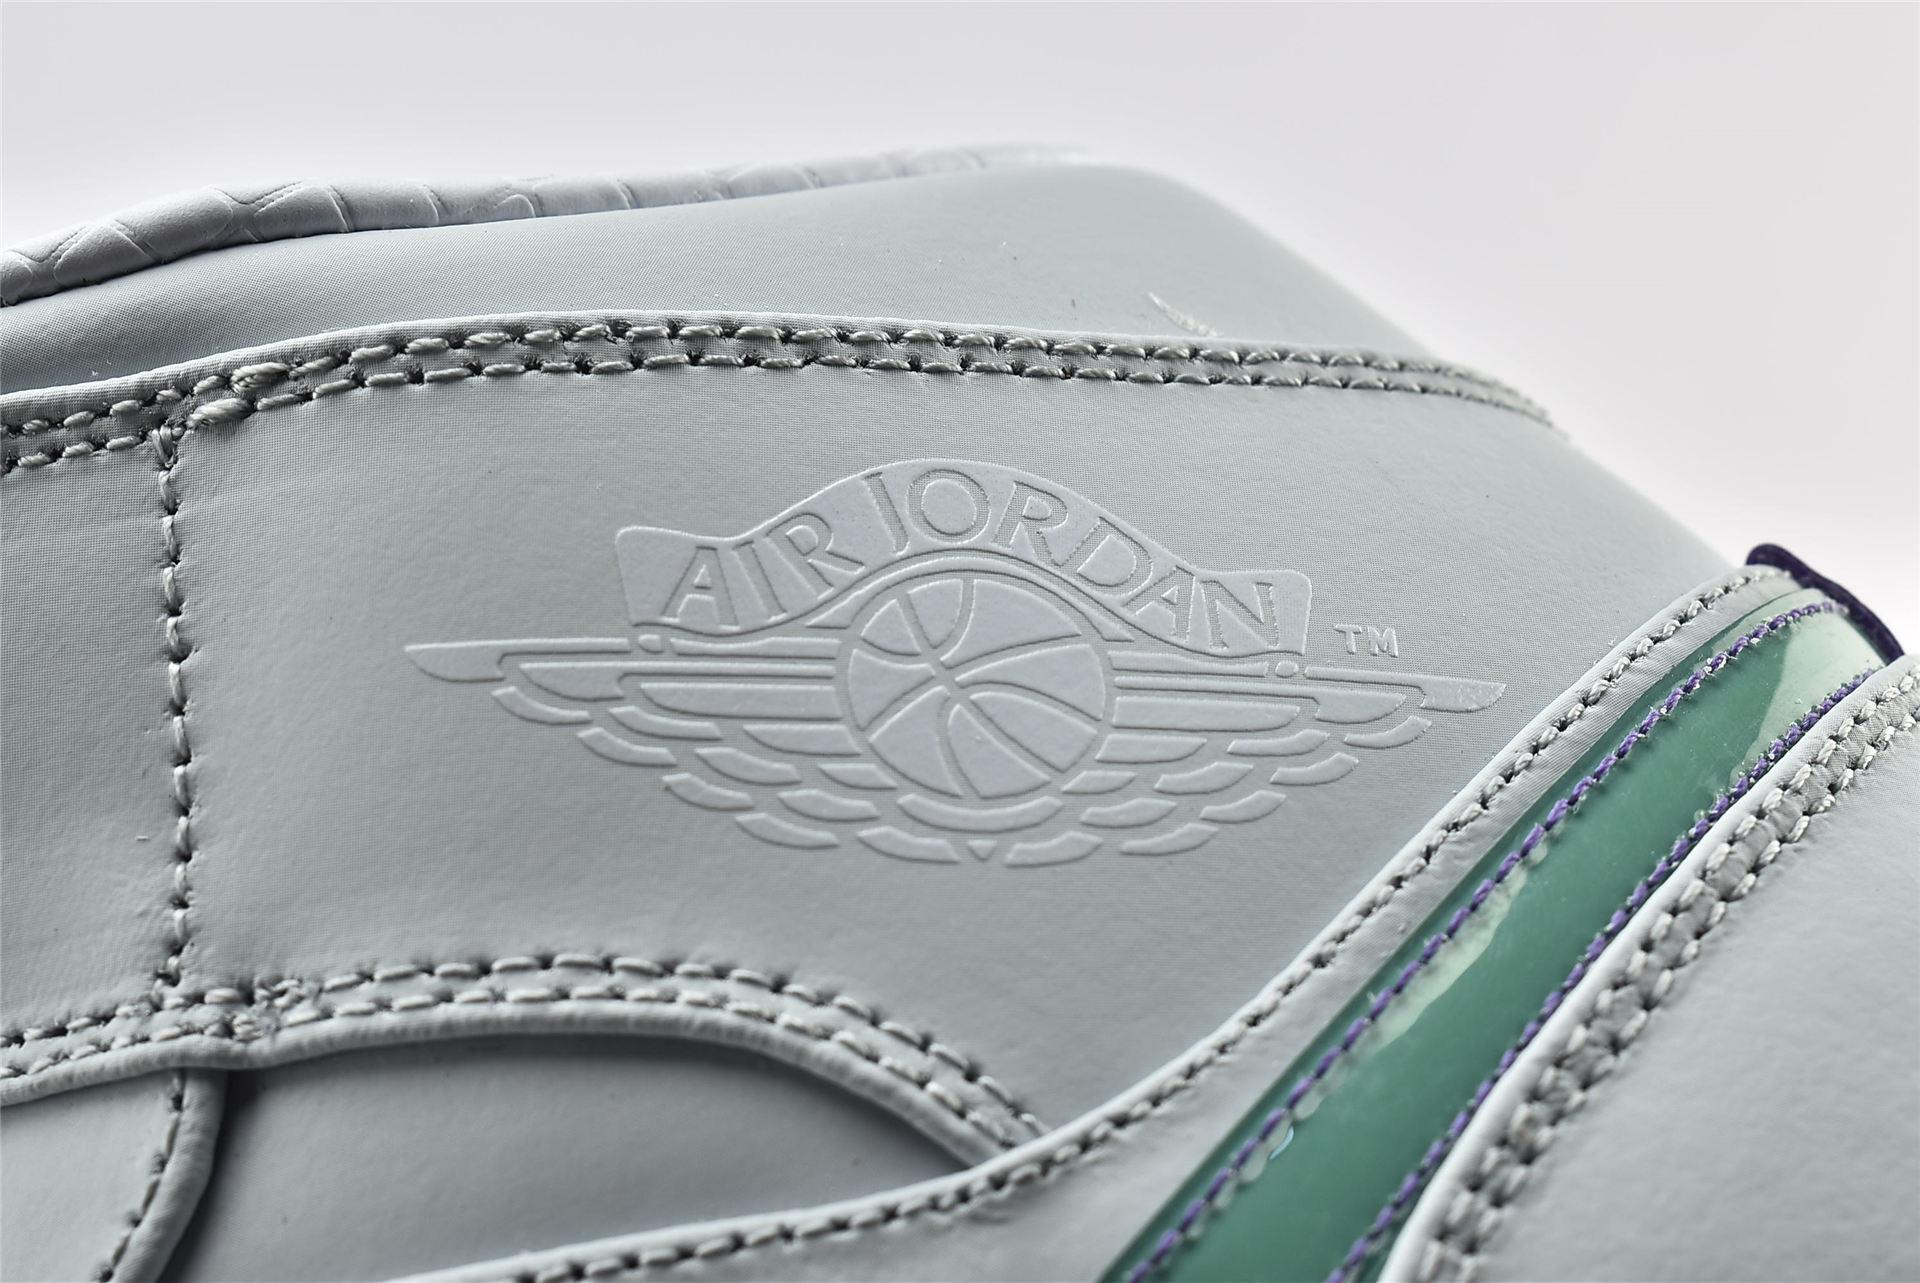 Air Jordan 1 AJ1 Mid Mindfulness AJ1 乔丹1代中帮篮球鞋/紫绿鸳鸯 东契奇 白绿鸳鸯   货号:CW5853-100  男女鞋  情侣款